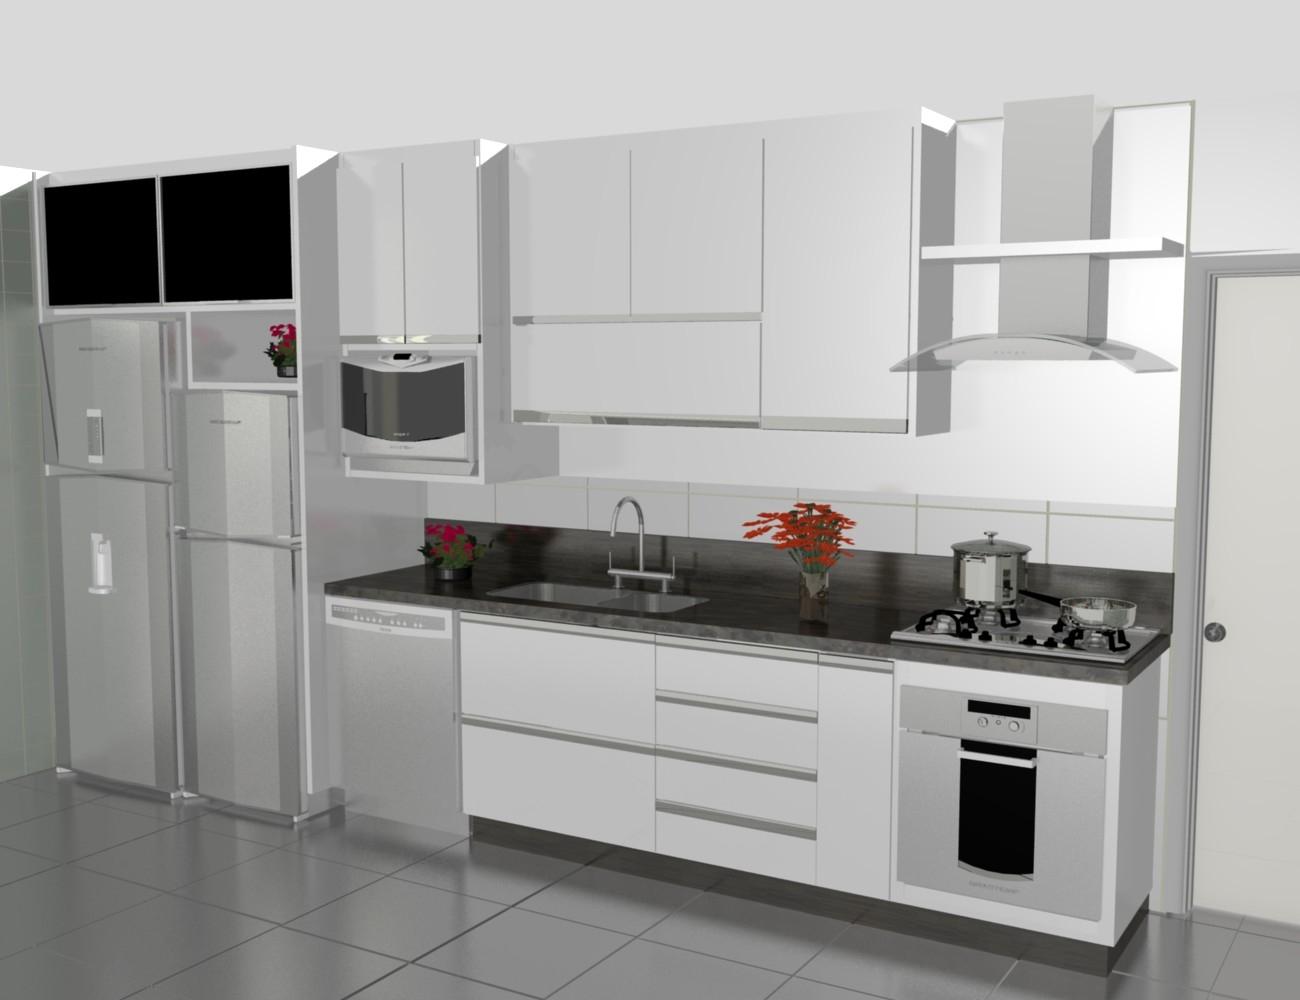 3000 projetos gratis de cozinhas planejadas pequenas e #6F3931 1300 1000